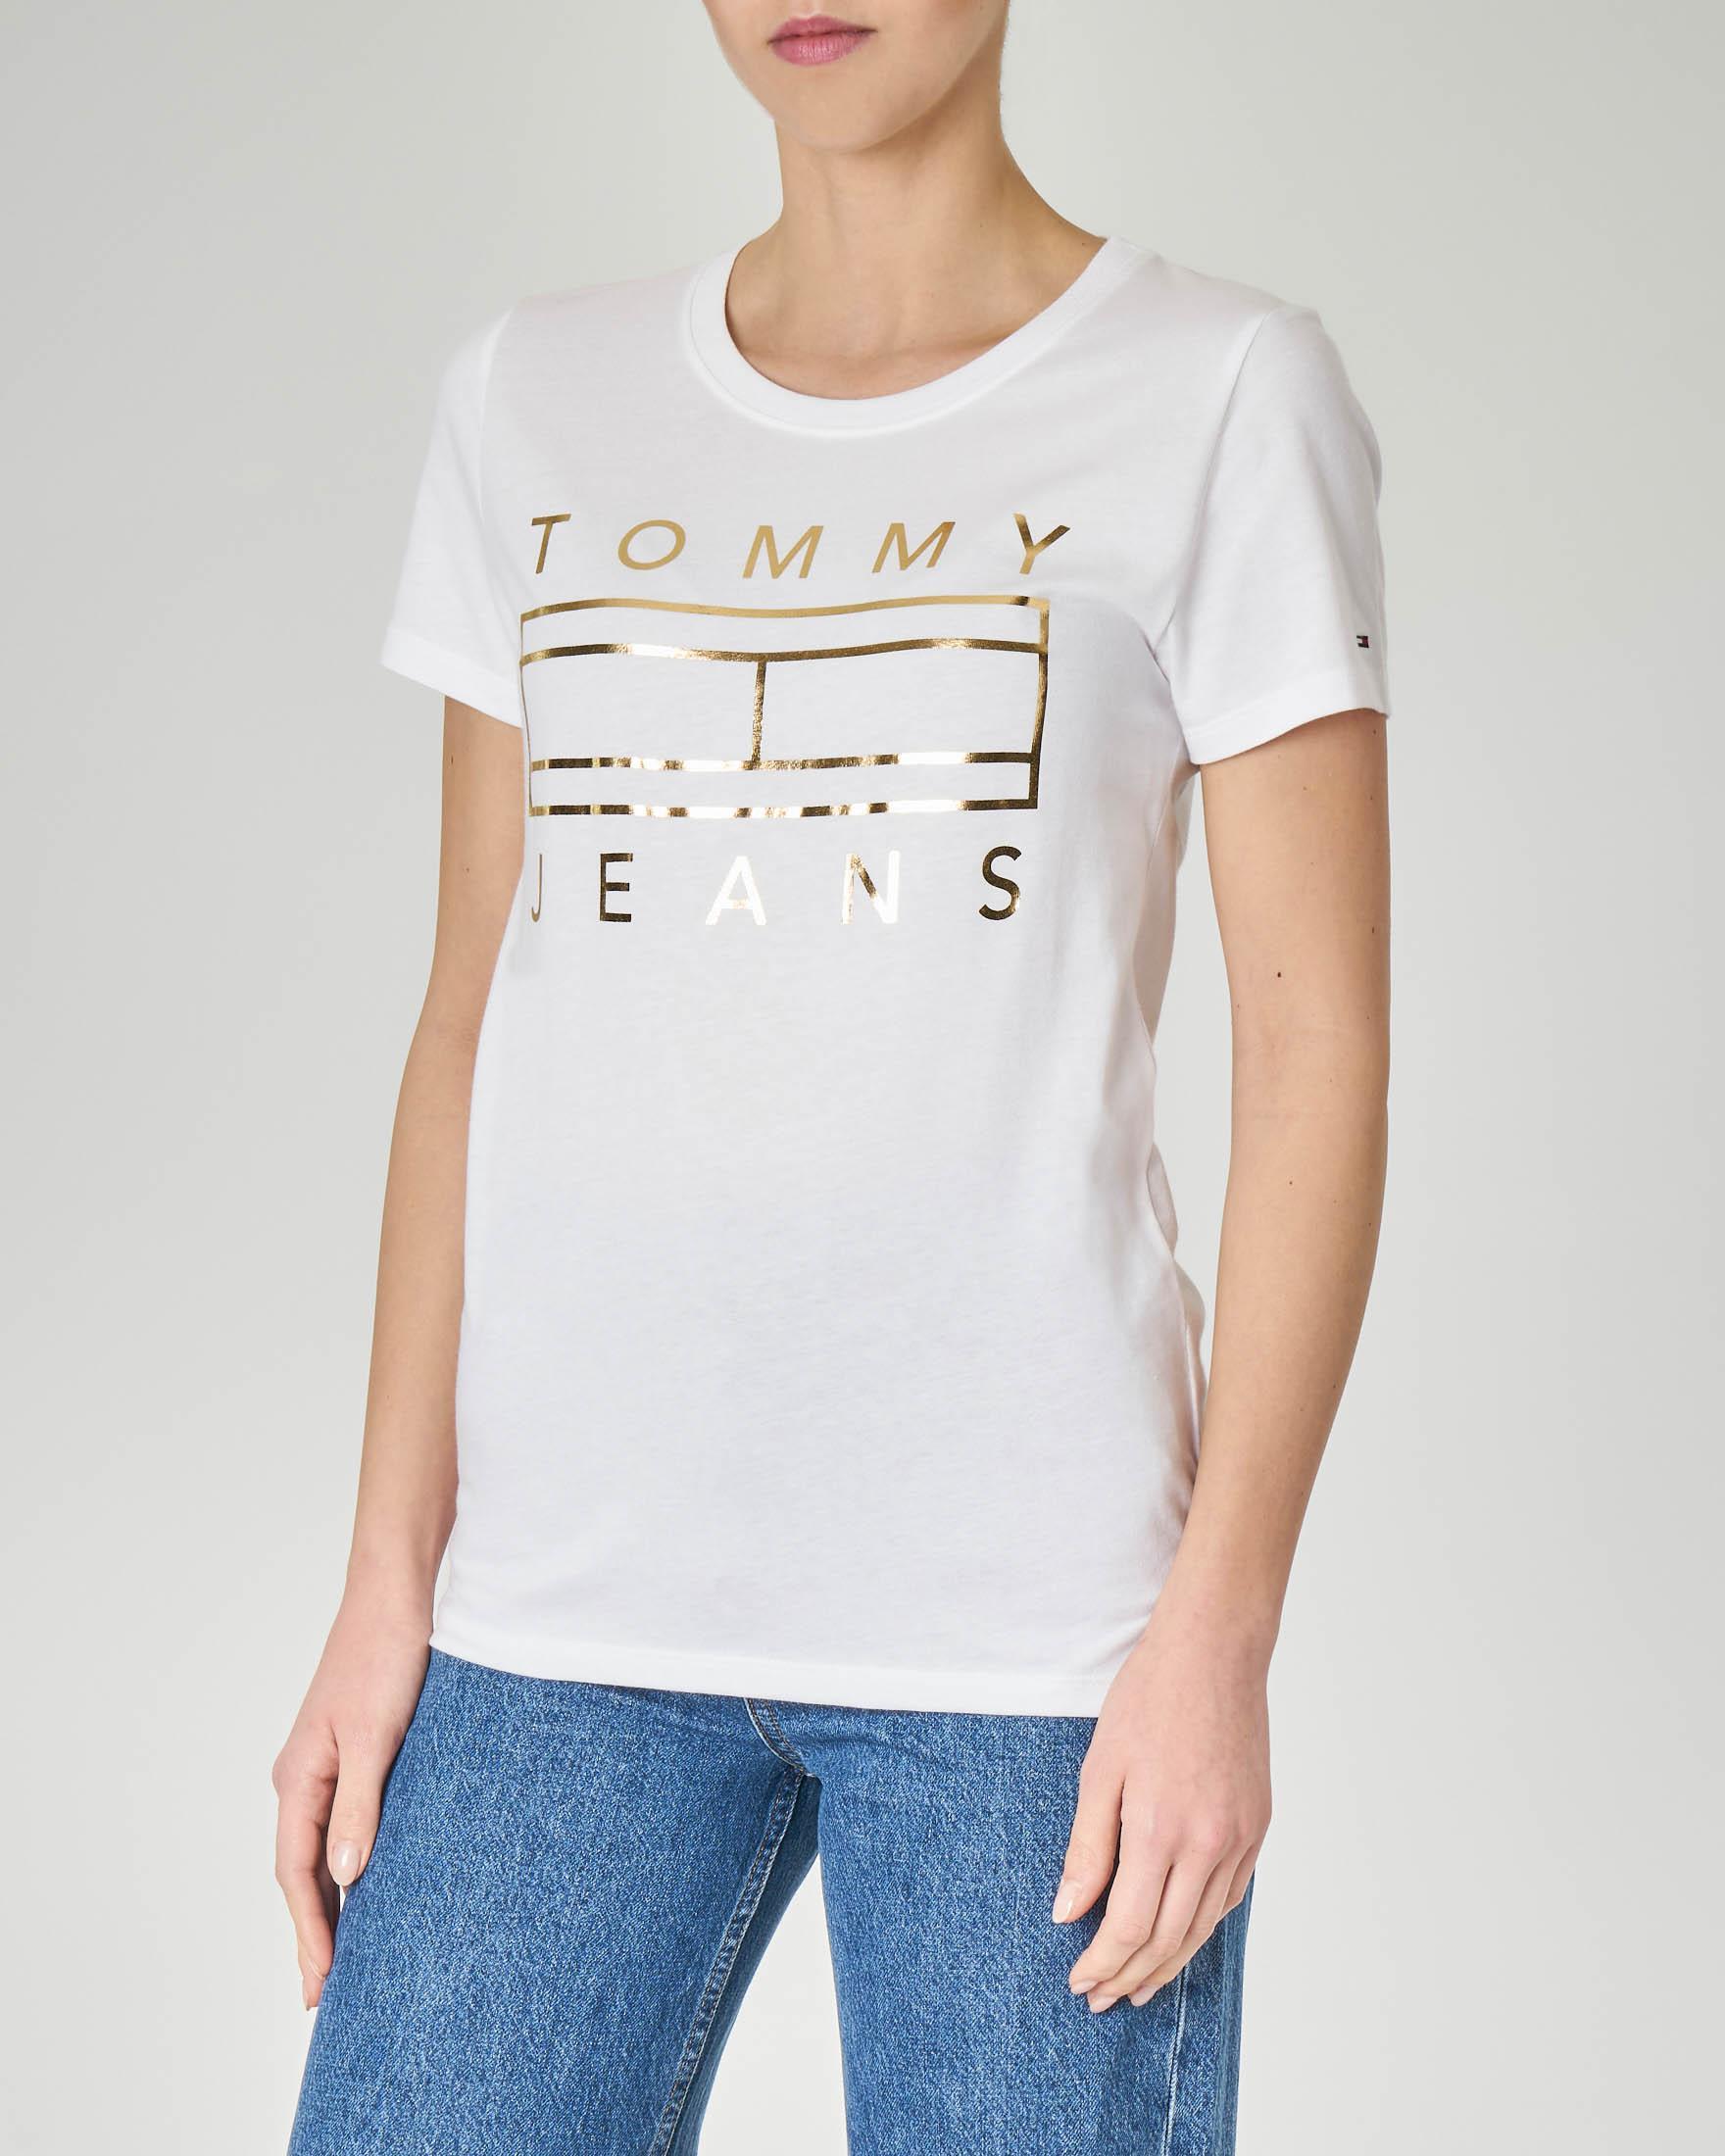 T-shirt bianca in cotone con logo effetto laminato stampato sul davanti